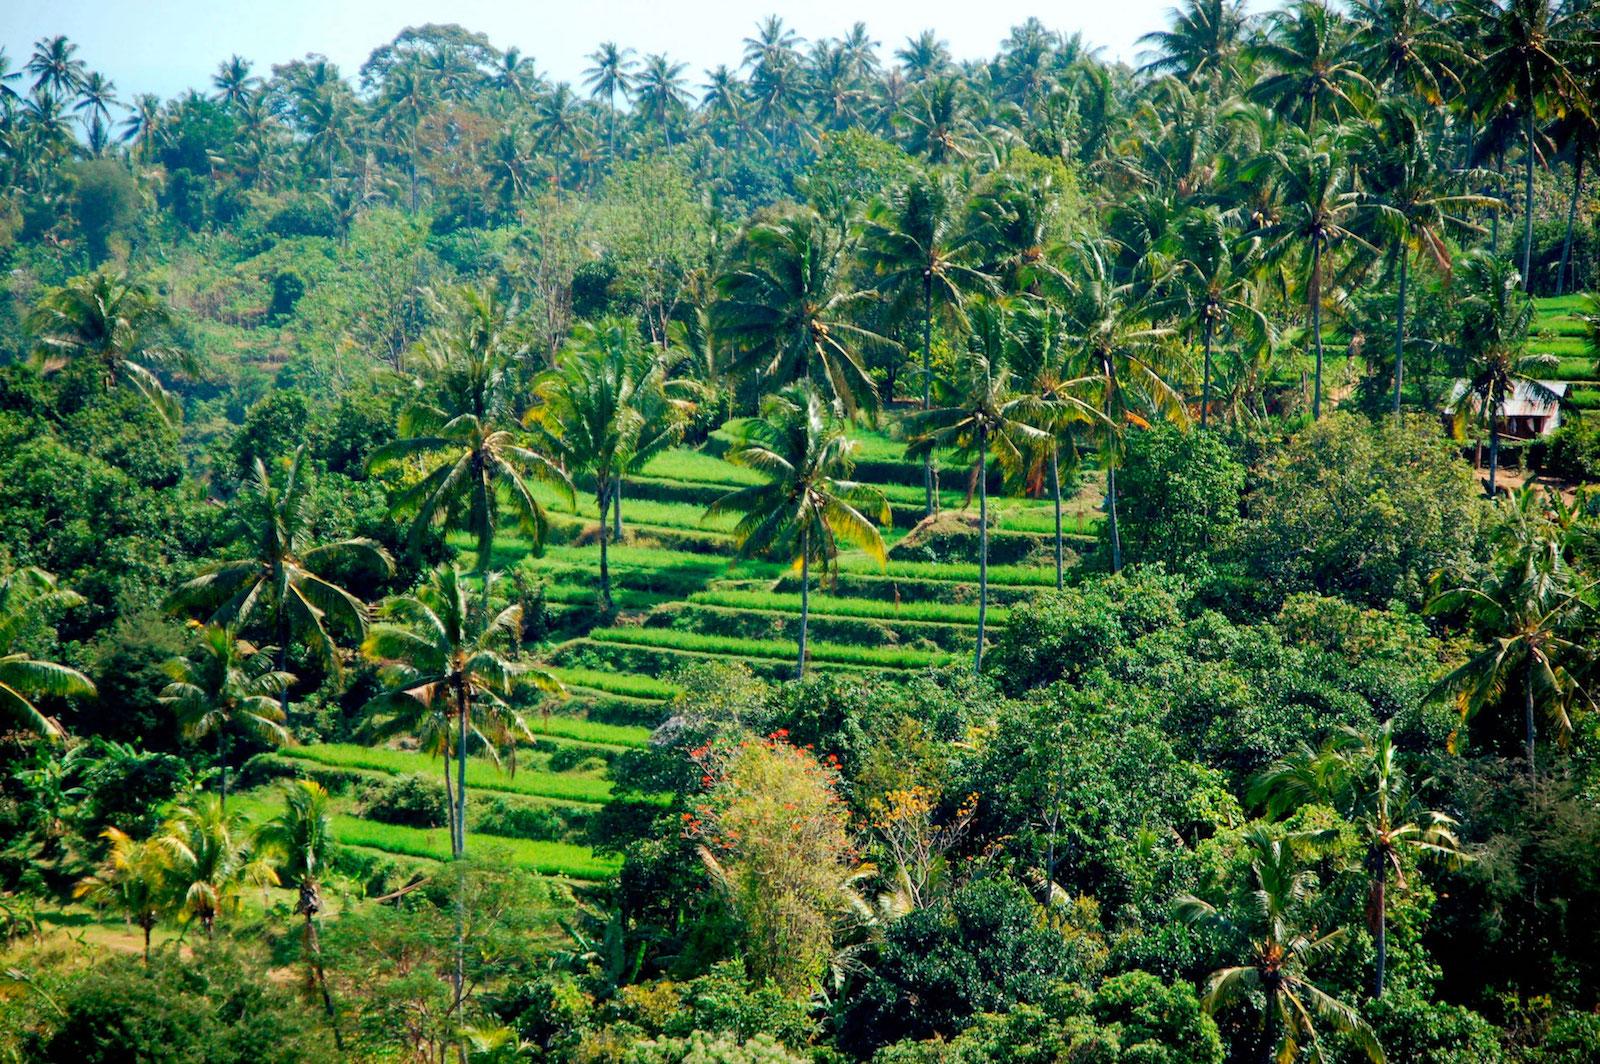 Llevamos al menos 45.000 años alterando las selvas tropicales